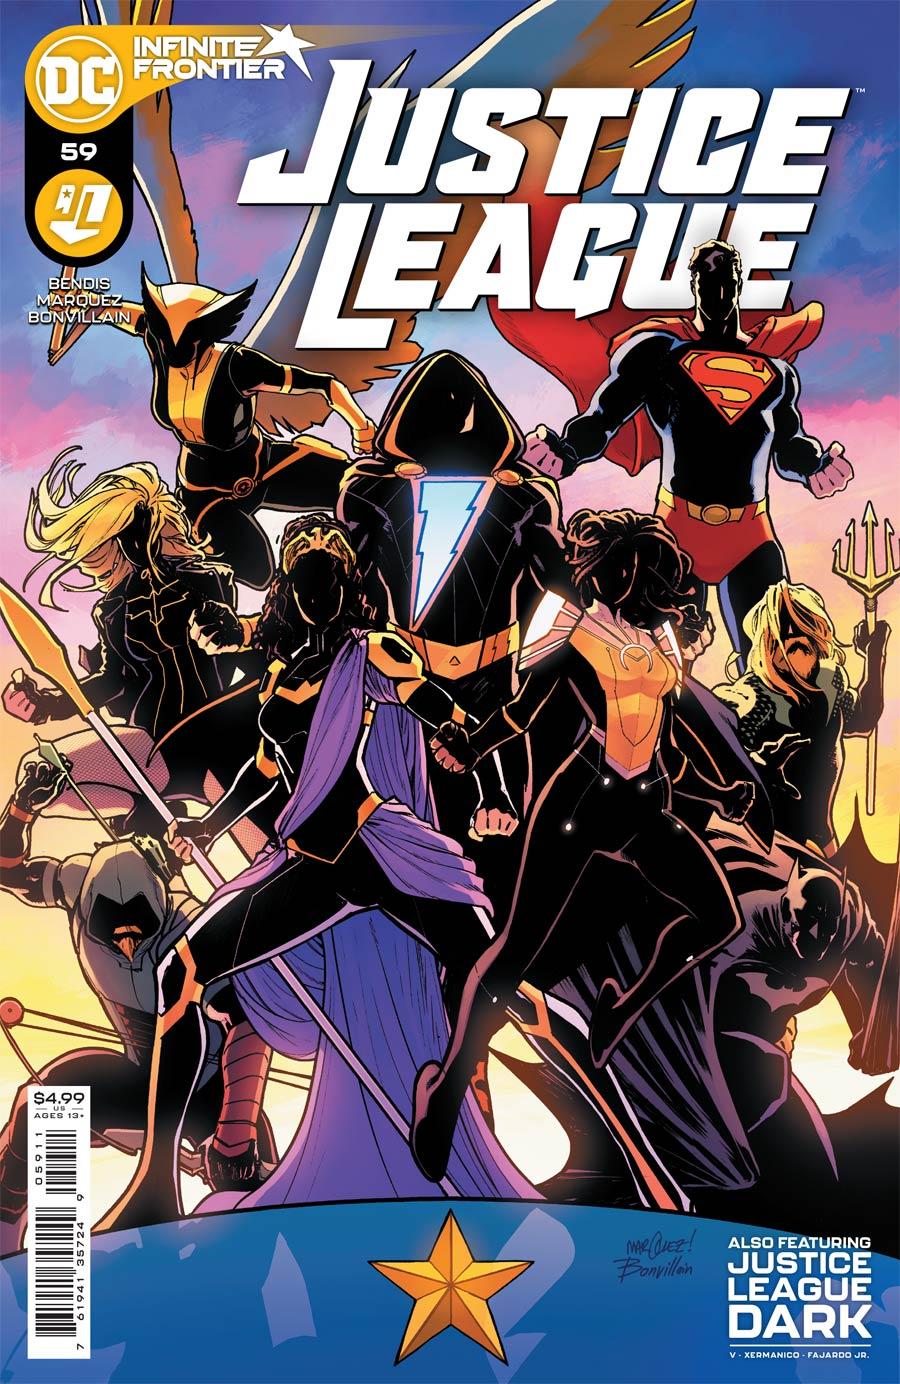 Justice League Vol 4 #59 Cover A Regular David Marquez Cover